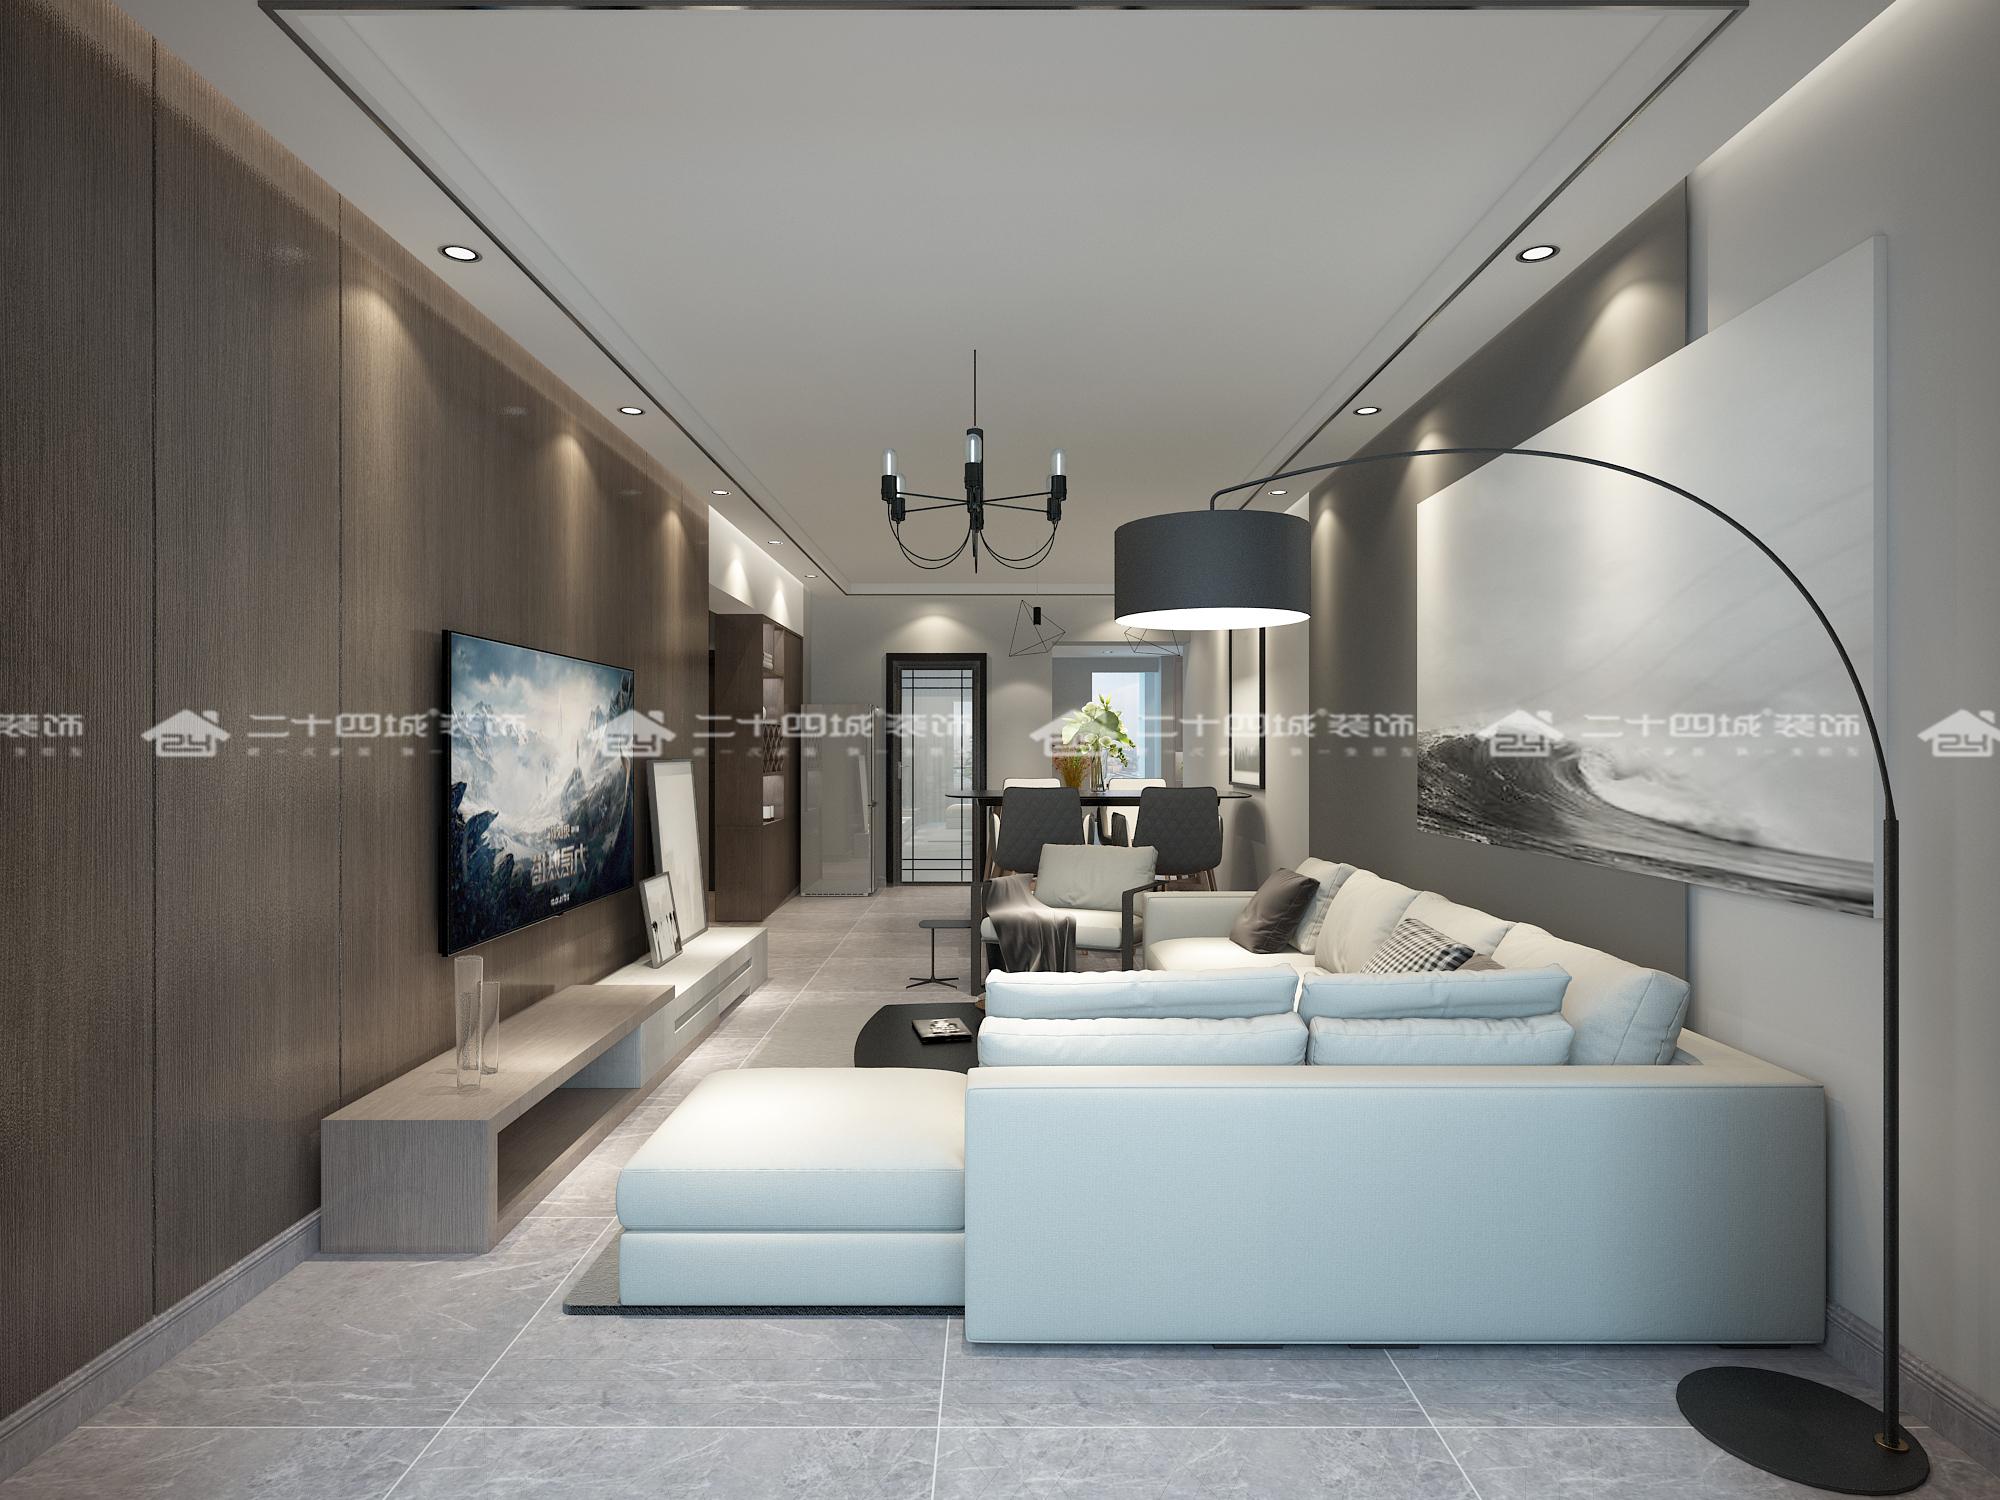 简约 混搭 现代简约 旧房改造 白领 收纳 小资 温馨 舒适 客厅图片来自二十四城装饰(集团)昆明公司在盛唐城  现代 简约的分享